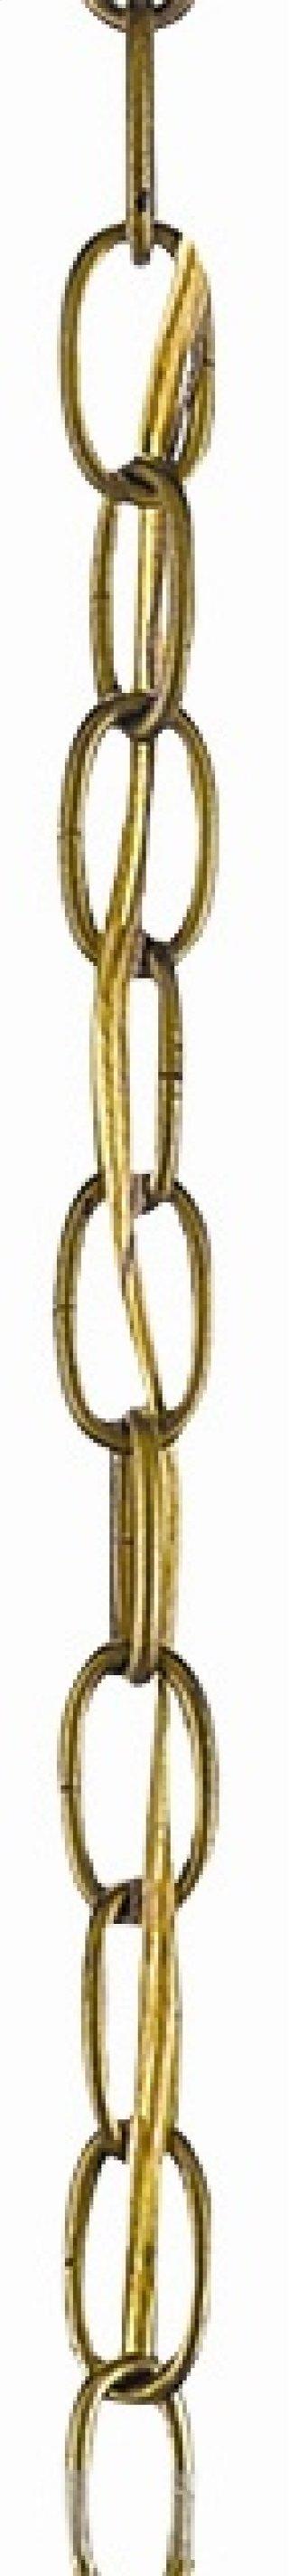 Chain-3' Brass - 3 feet